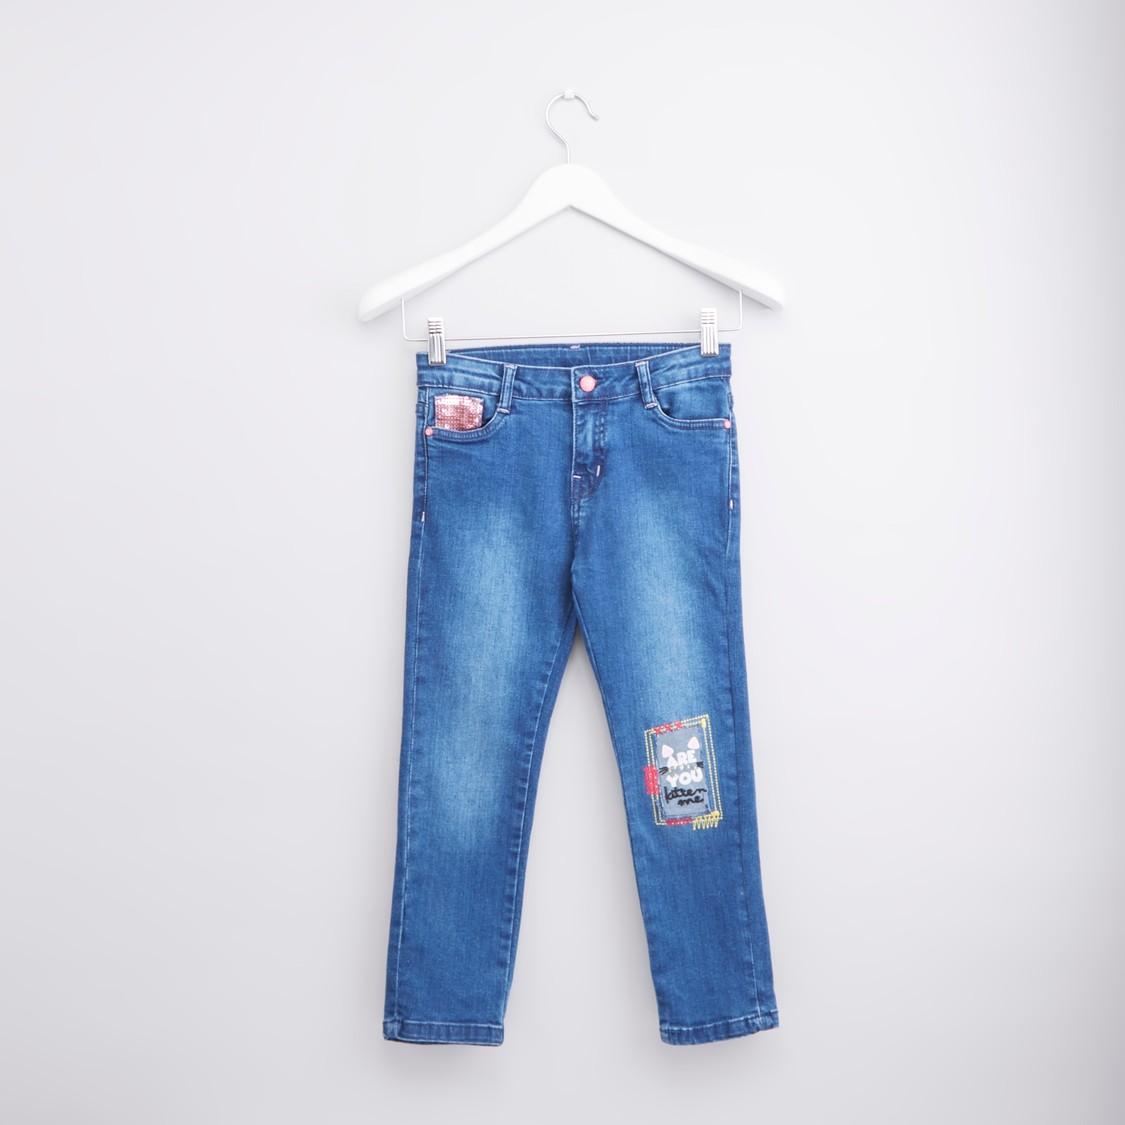 بنطال جينز بطبعات مع  تفاصيل جيوب وحزام بحلقات